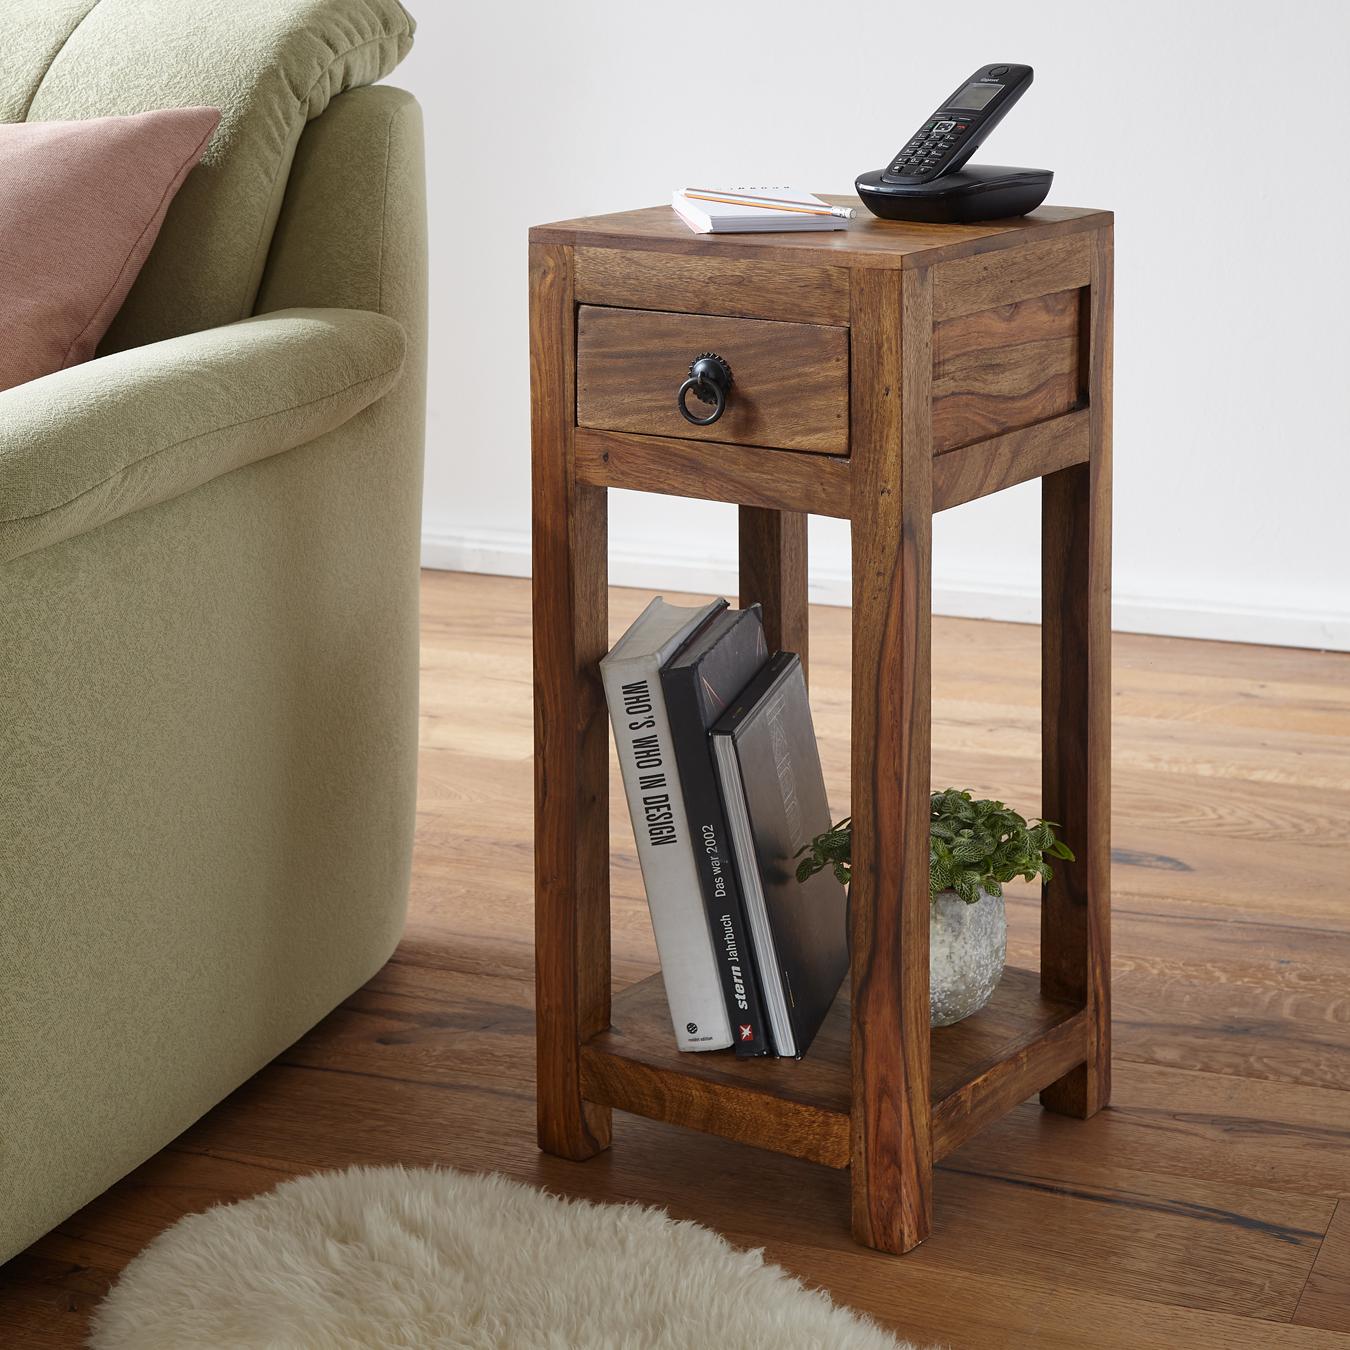 Wunderbar FineBuy Beistelltisch Massiv Holz Sheesham 68 Cm Hoch Wohnzimmer Tisch Mit  Schublade Design Landhaus